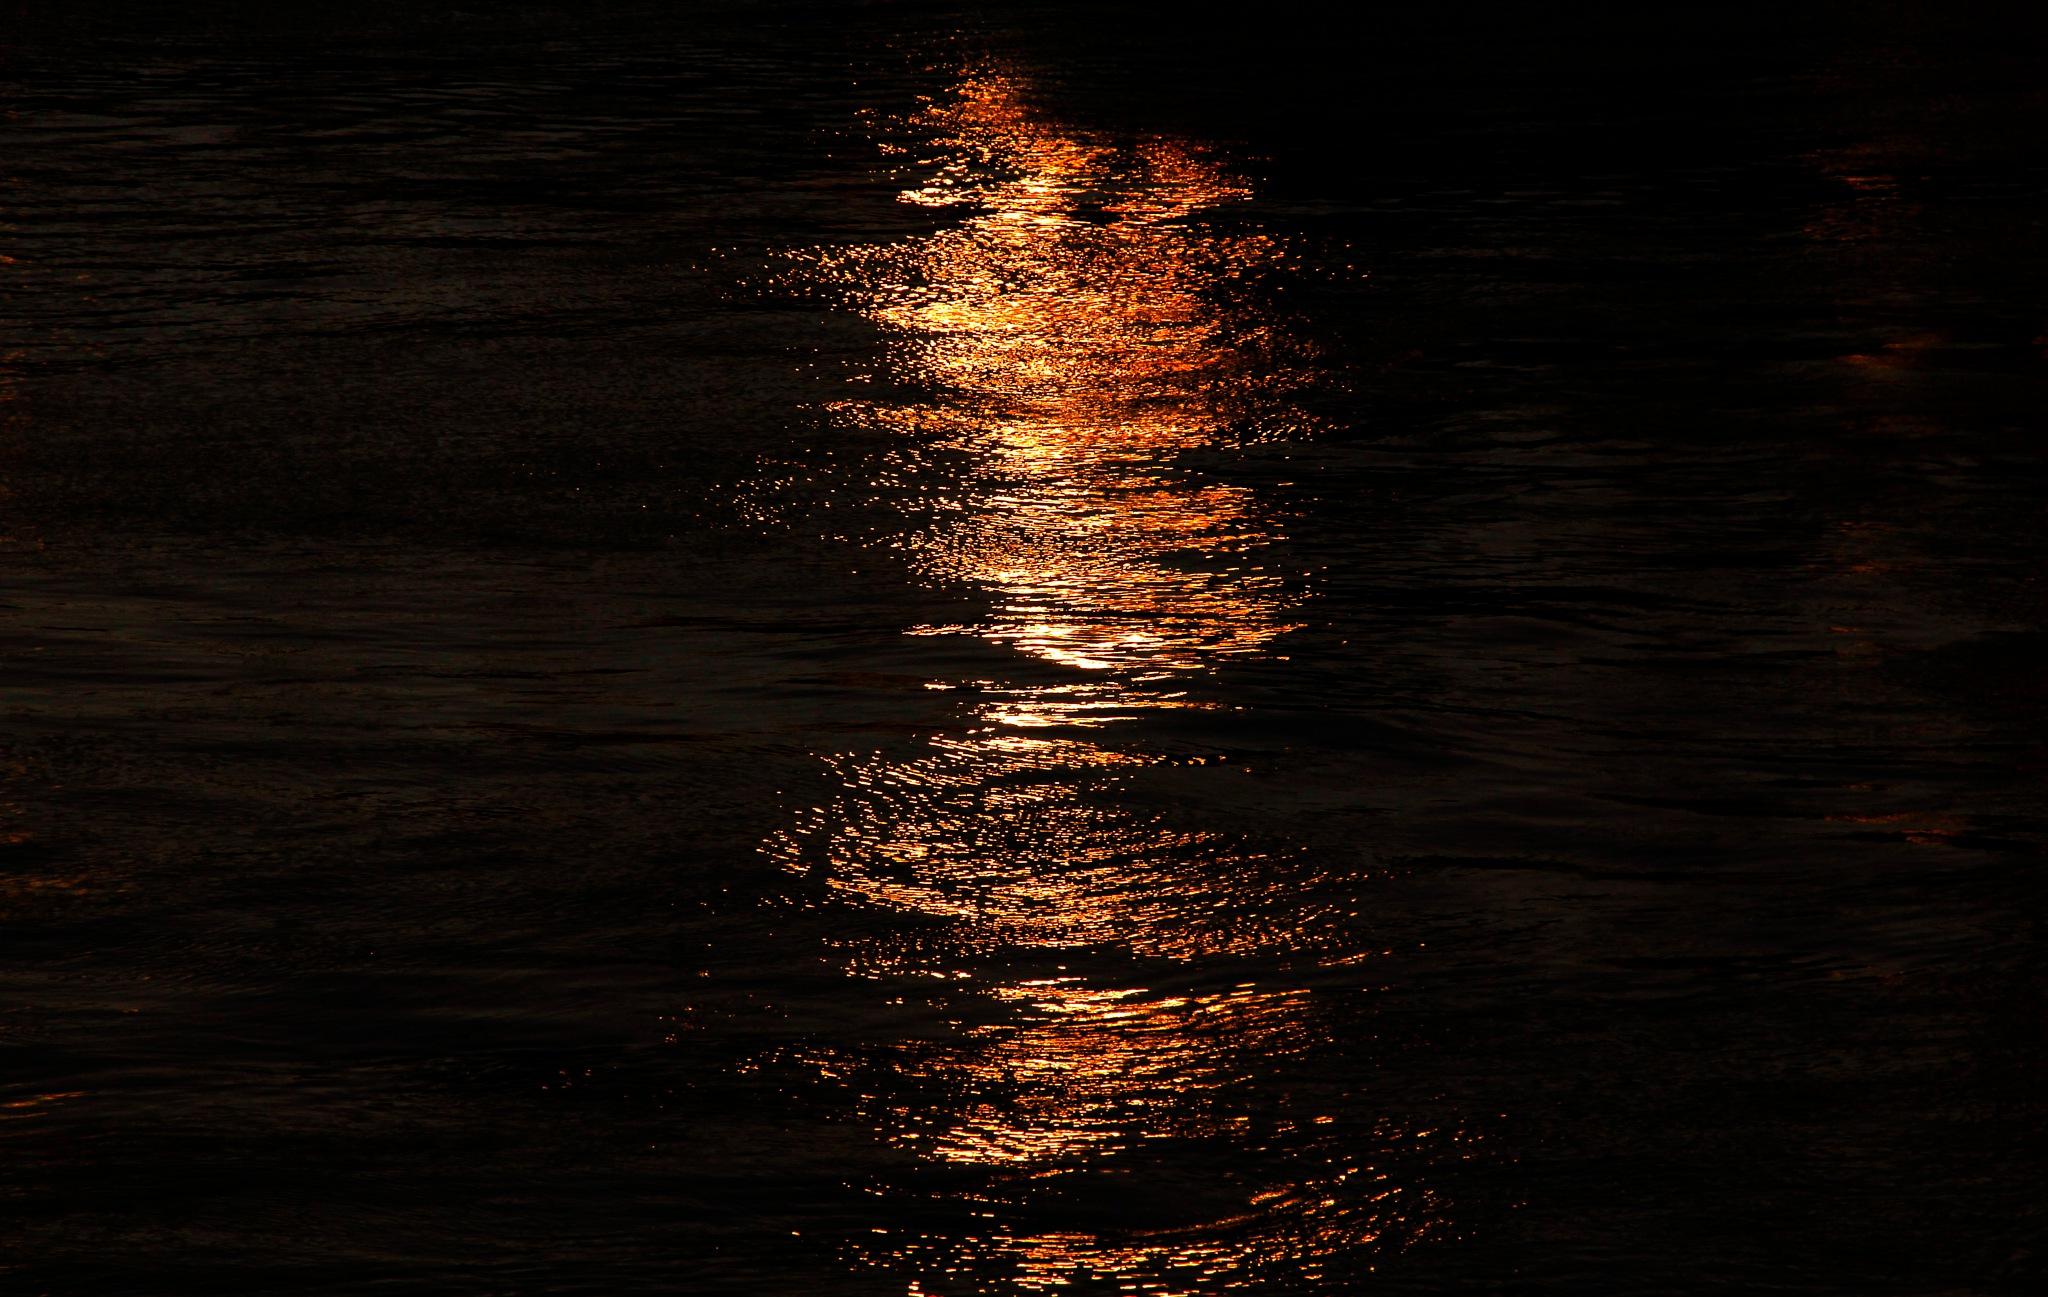 SUN MIRROR by LUNA